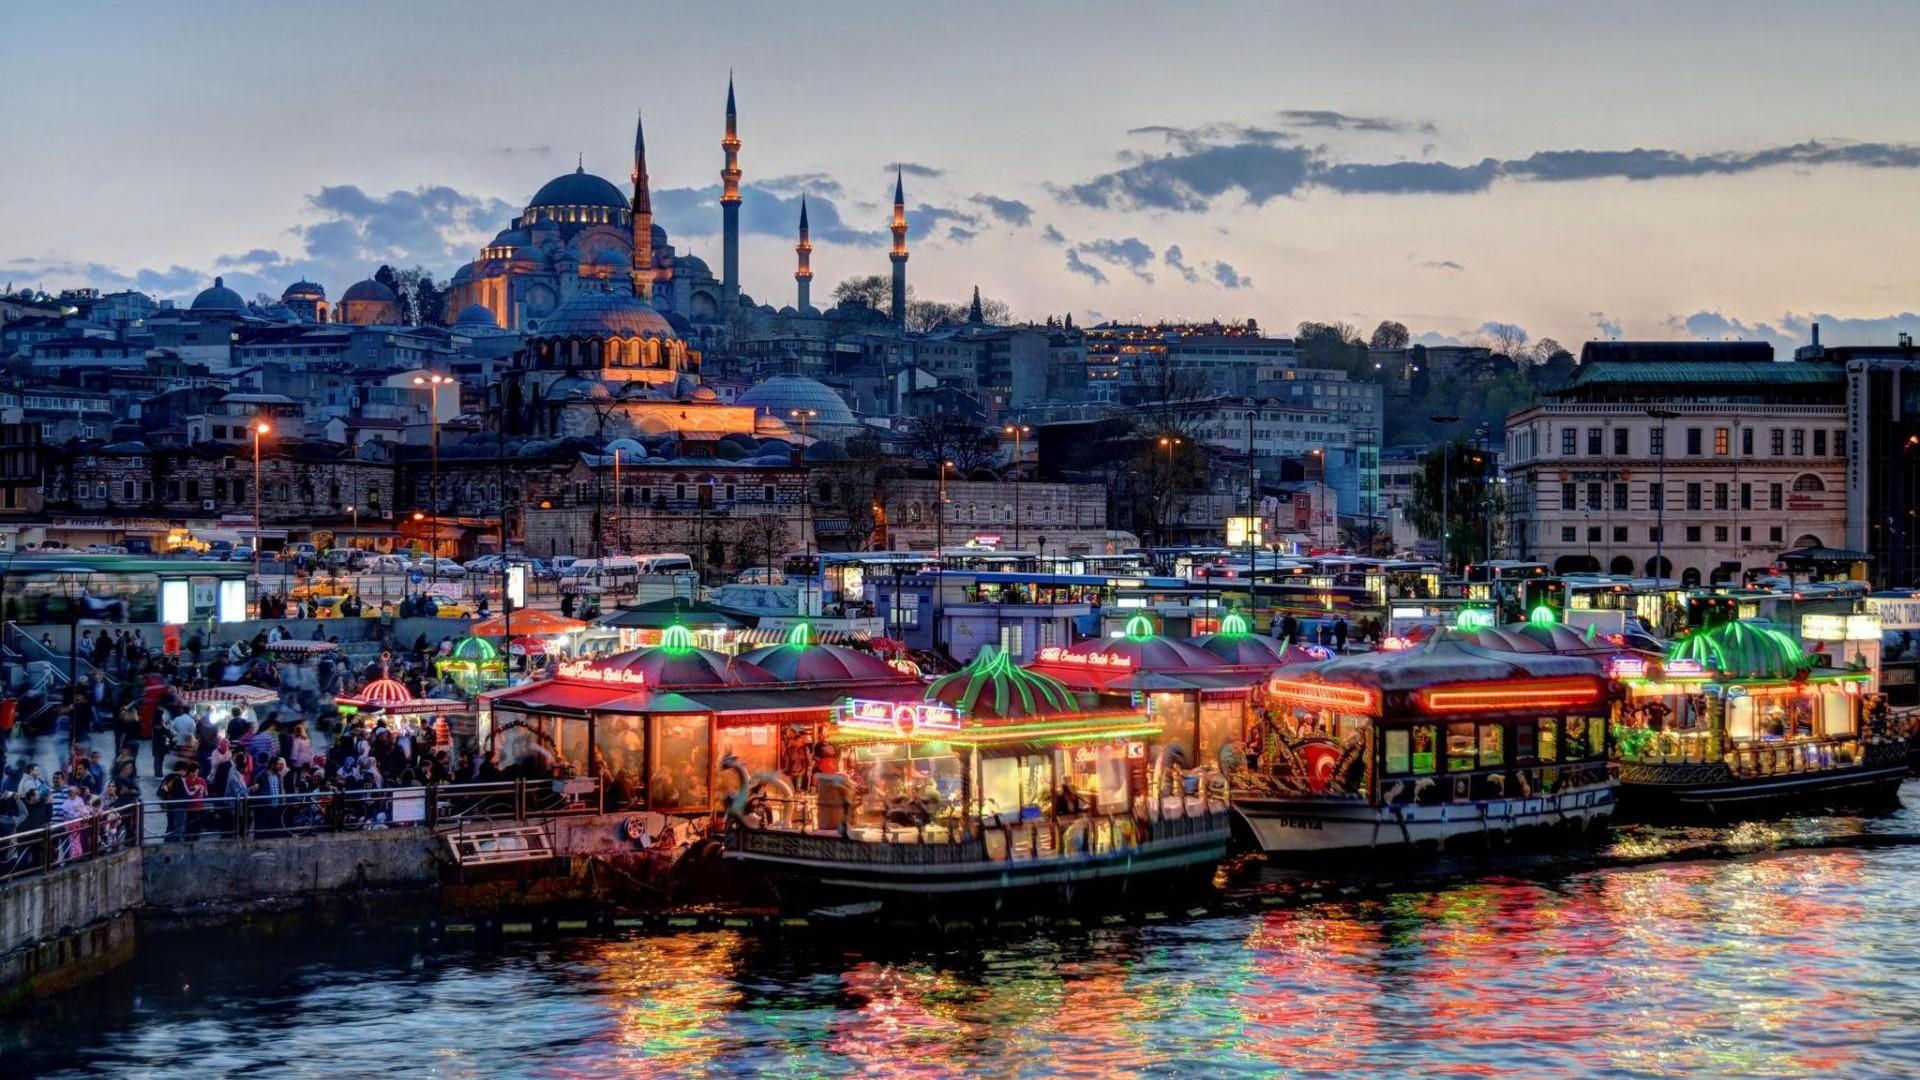 Достопримечательности Стамбула: что посмотреть и куда сходить